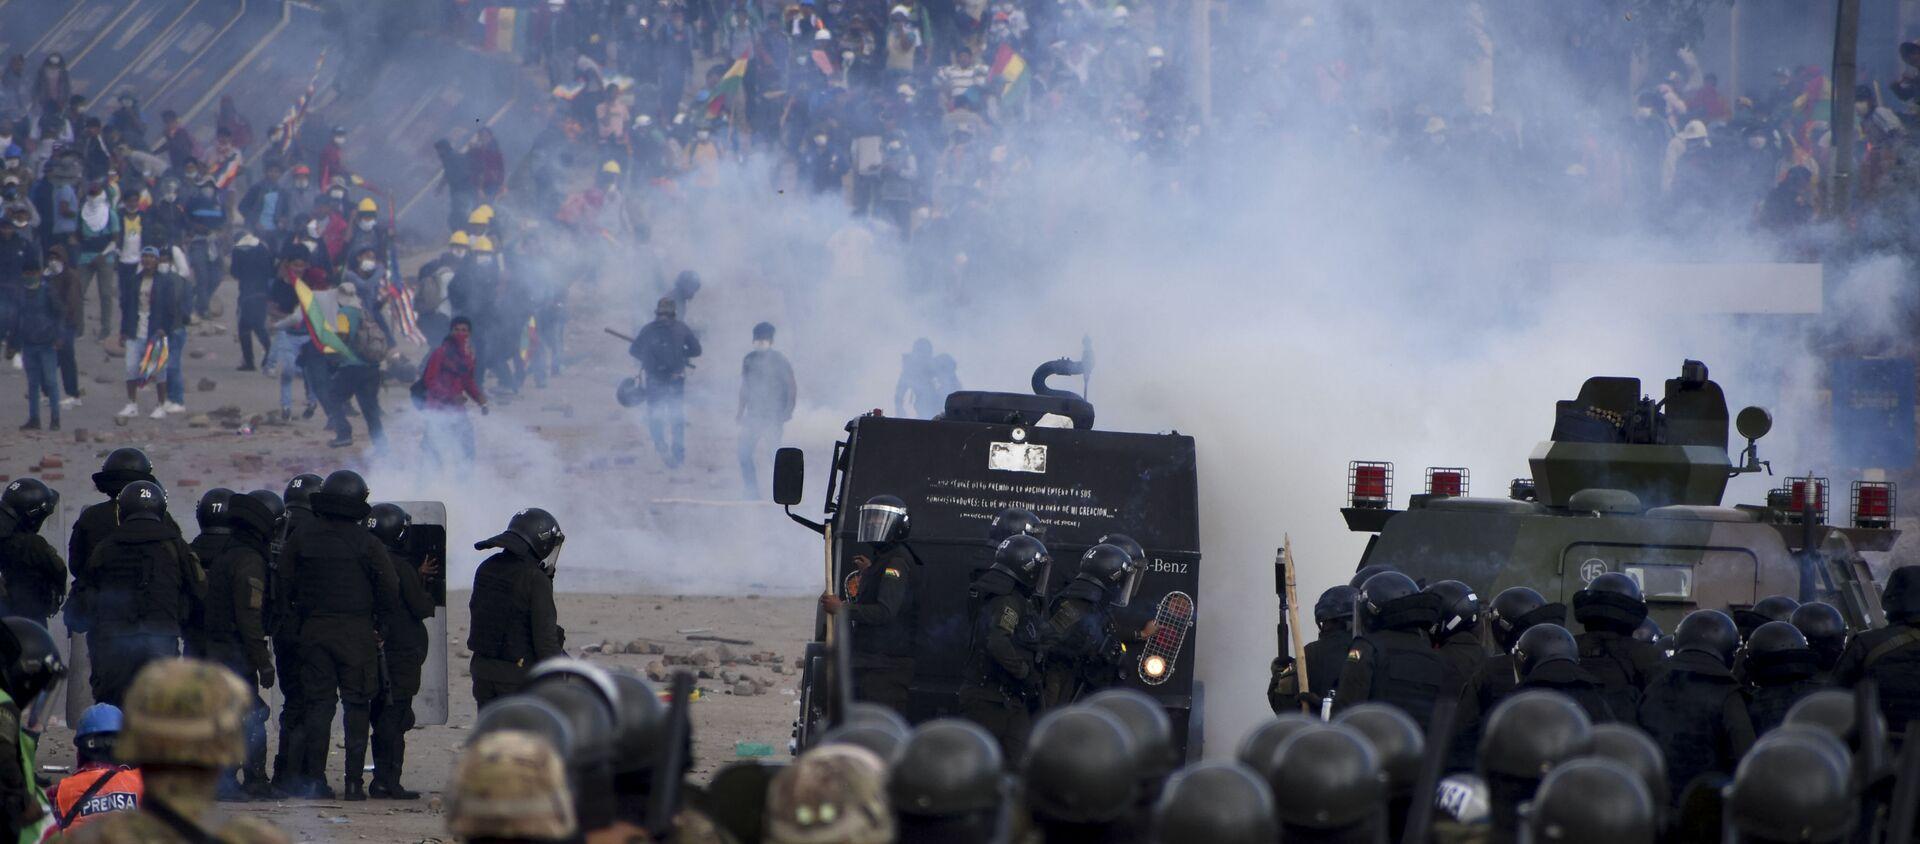 Snage bezbednosti tokom sukoba sa demonstrantima, pristalicama bivšeg bolivijskog predsednika Eva Moralesa, u Sakabi u Boliviji - Sputnik Srbija, 1920, 29.11.2019